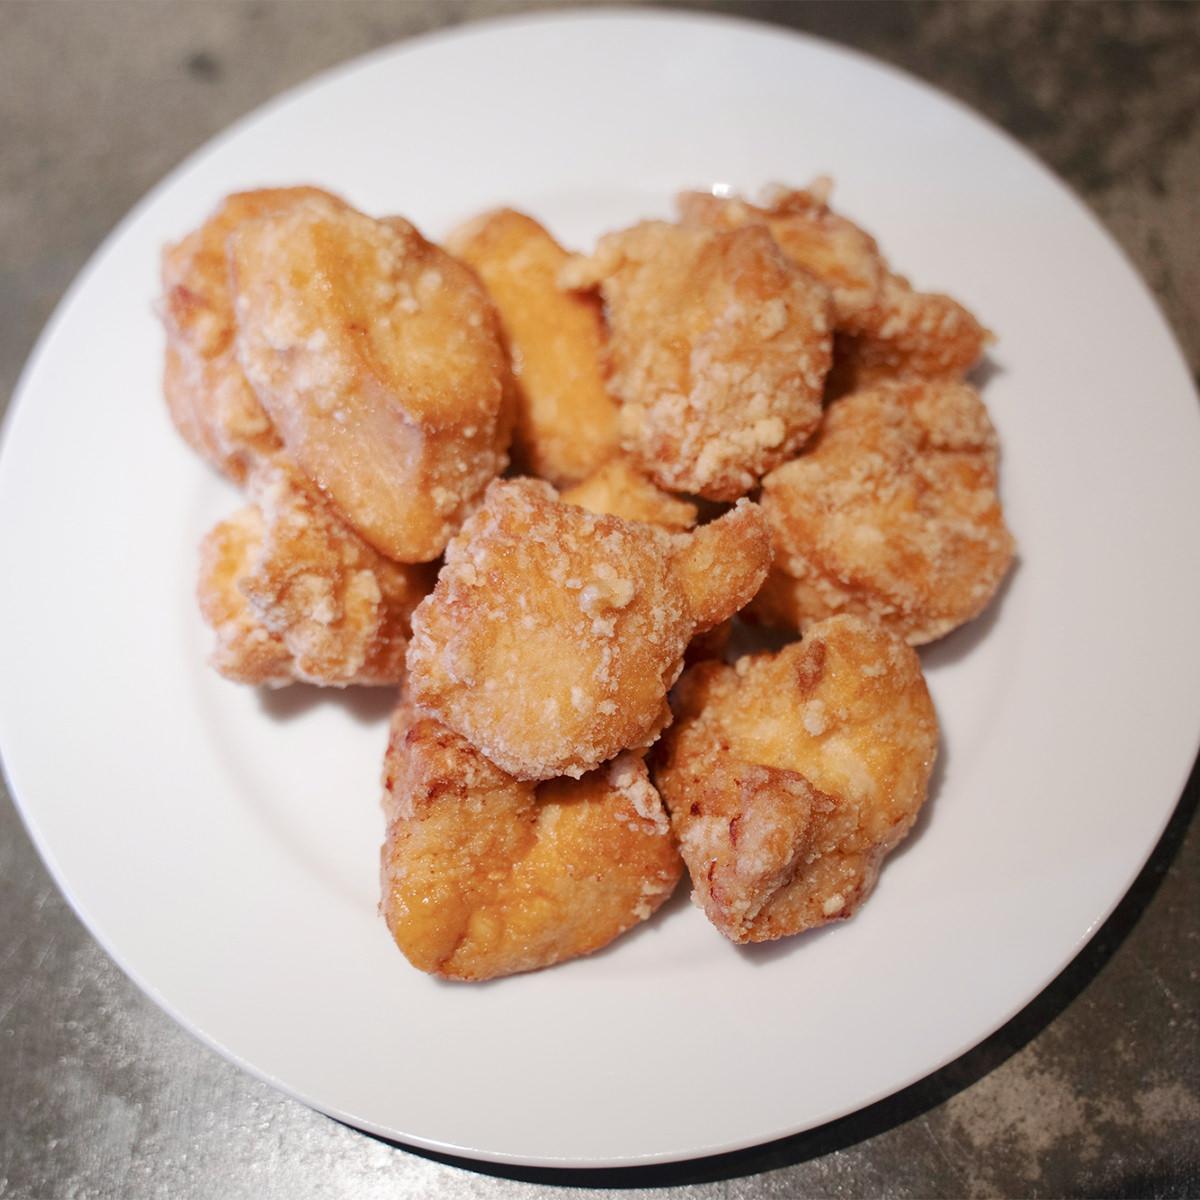 骨なしからあげ むね肉 〔鶏むね肉500g×2・片栗粉80g×2〕 からあげ 鶏肉 冷凍 大分 綾鶏